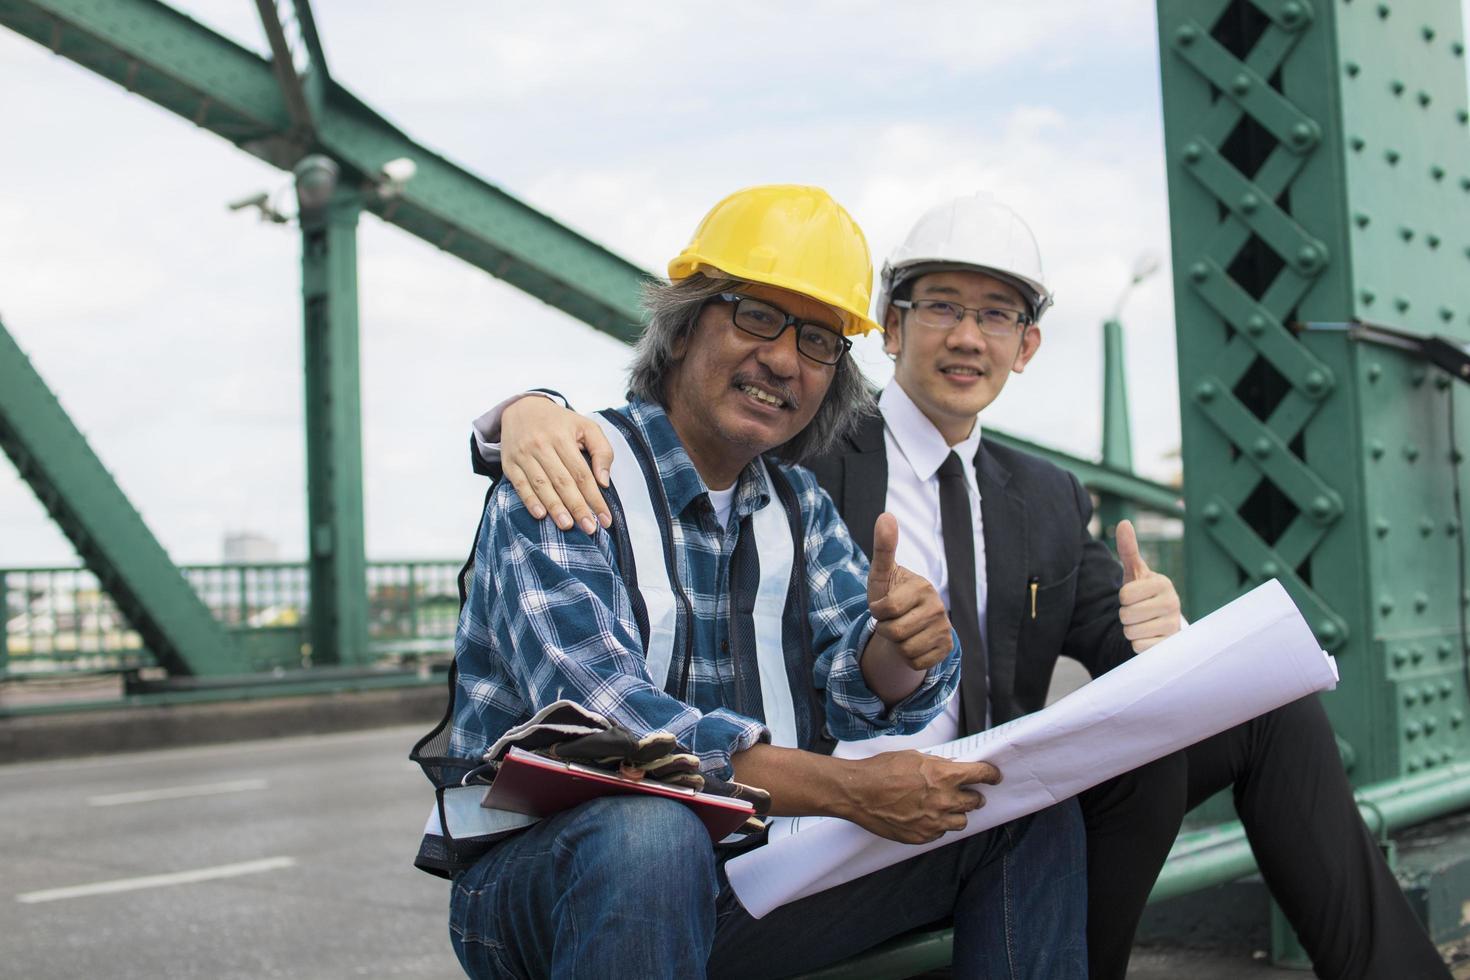 un entrepreneur et un ingénieur renonçant à photo